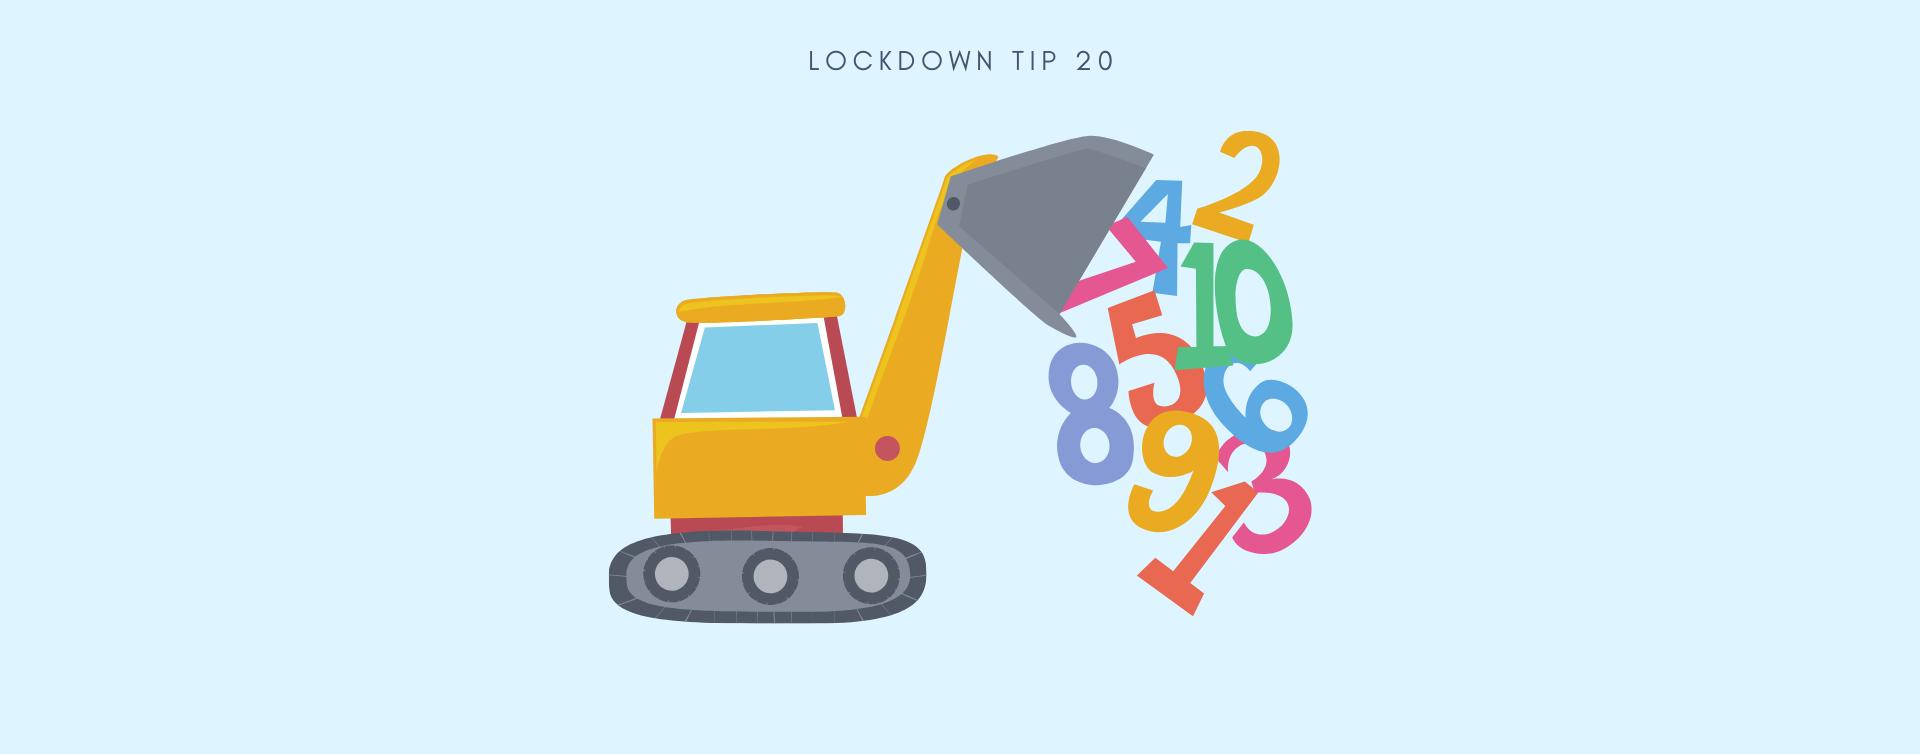 MCSA Lockdown Tip 20